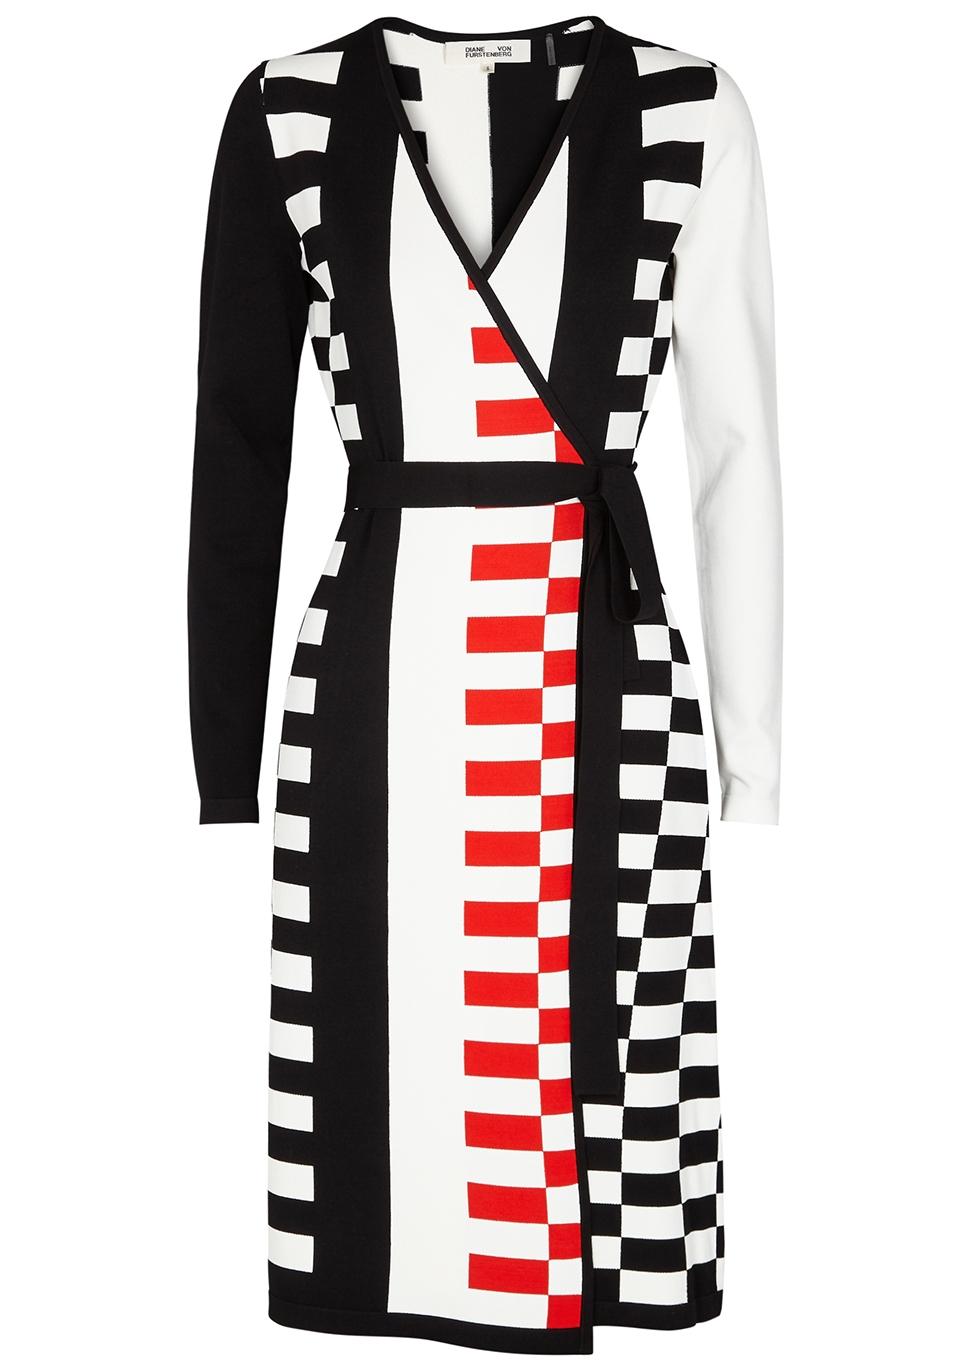 Diane Von Furstenberg Enzo Stretch-Knit Wrap Dress in Black